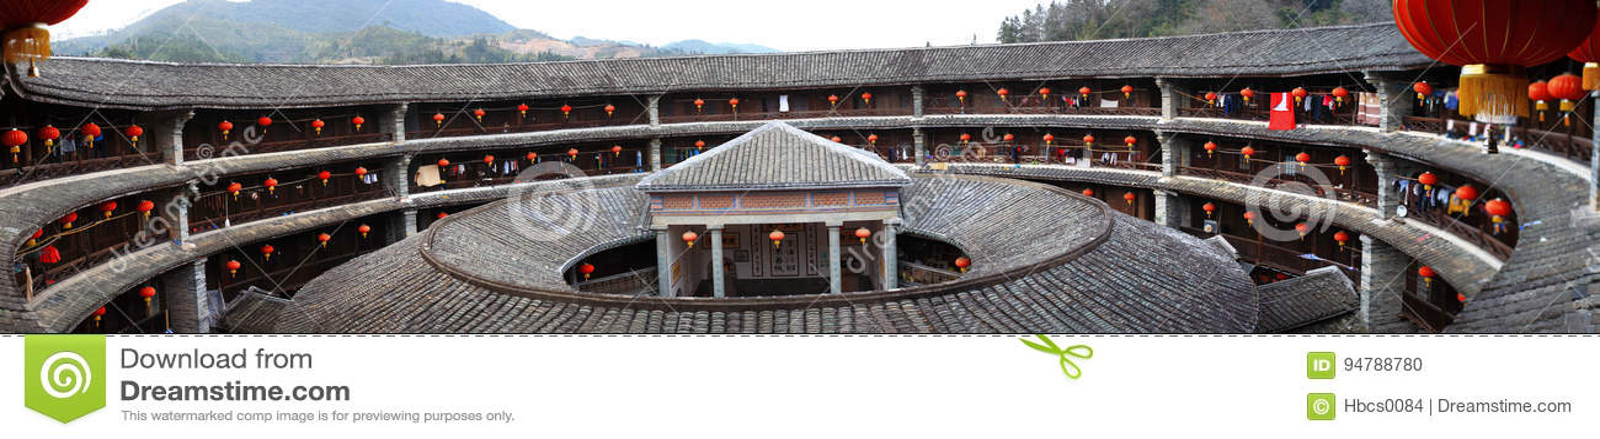 Fujian earthen struktury